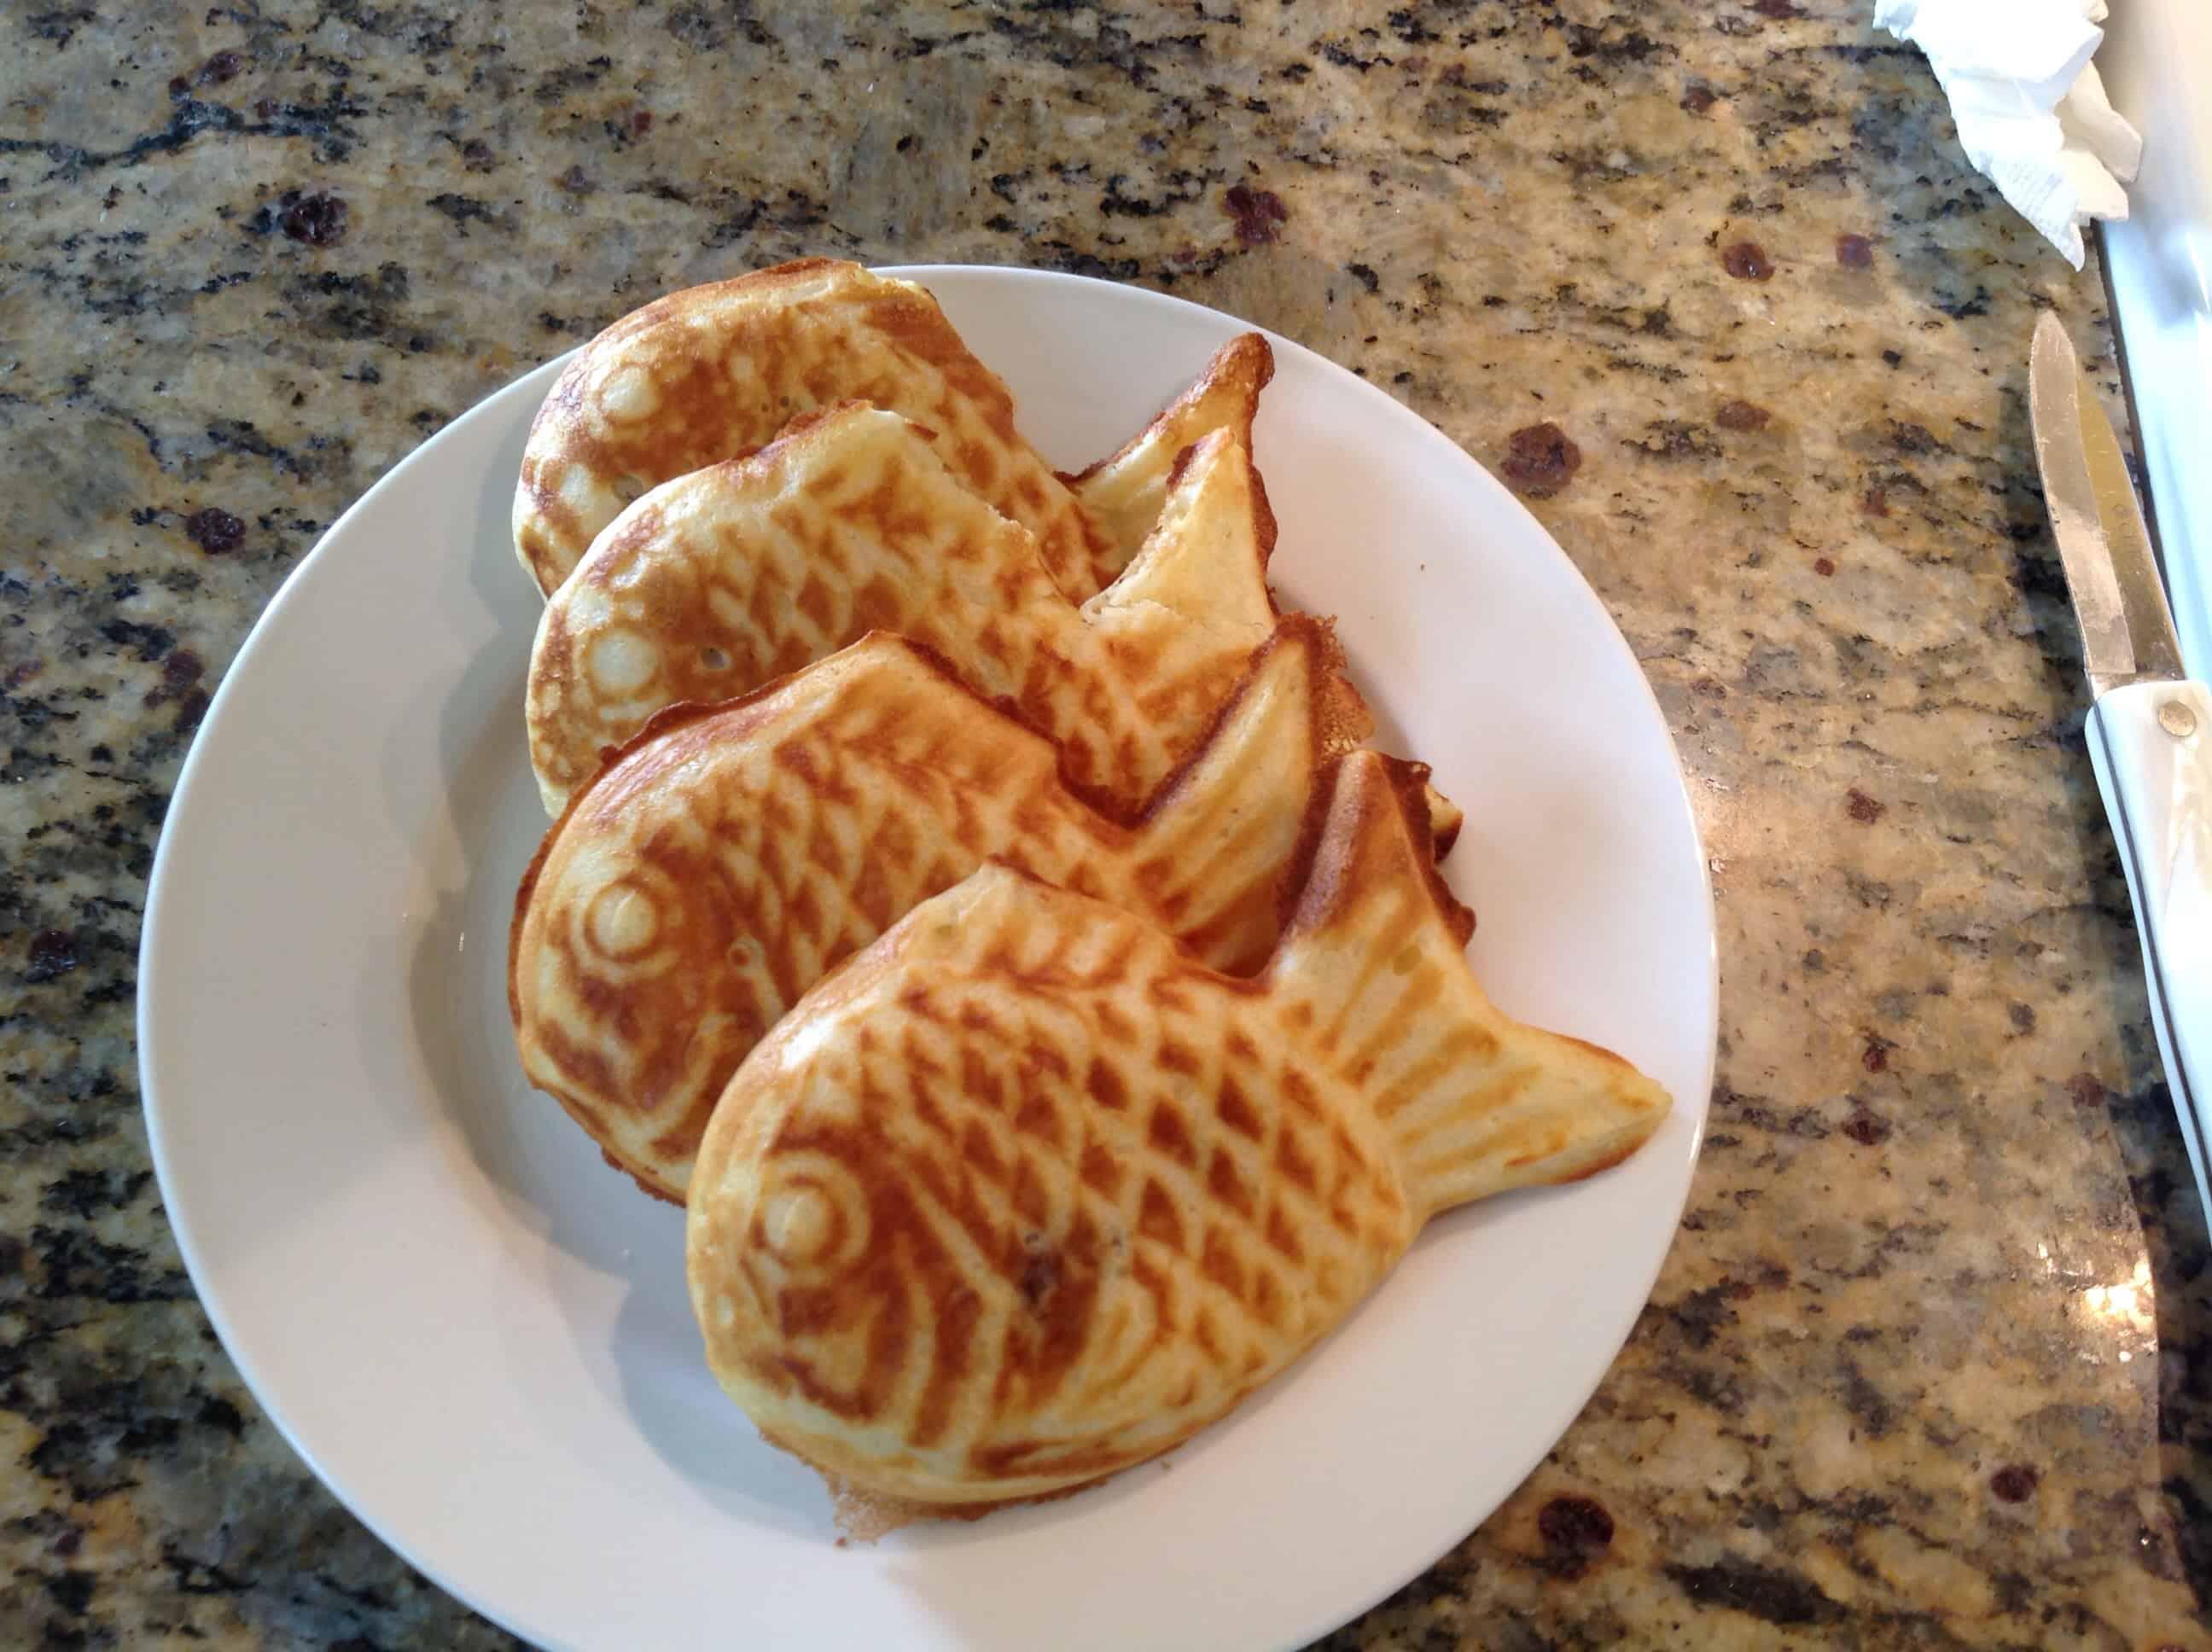 Korean food photo bungeoppang or boongeoppang for Fish shaped bread